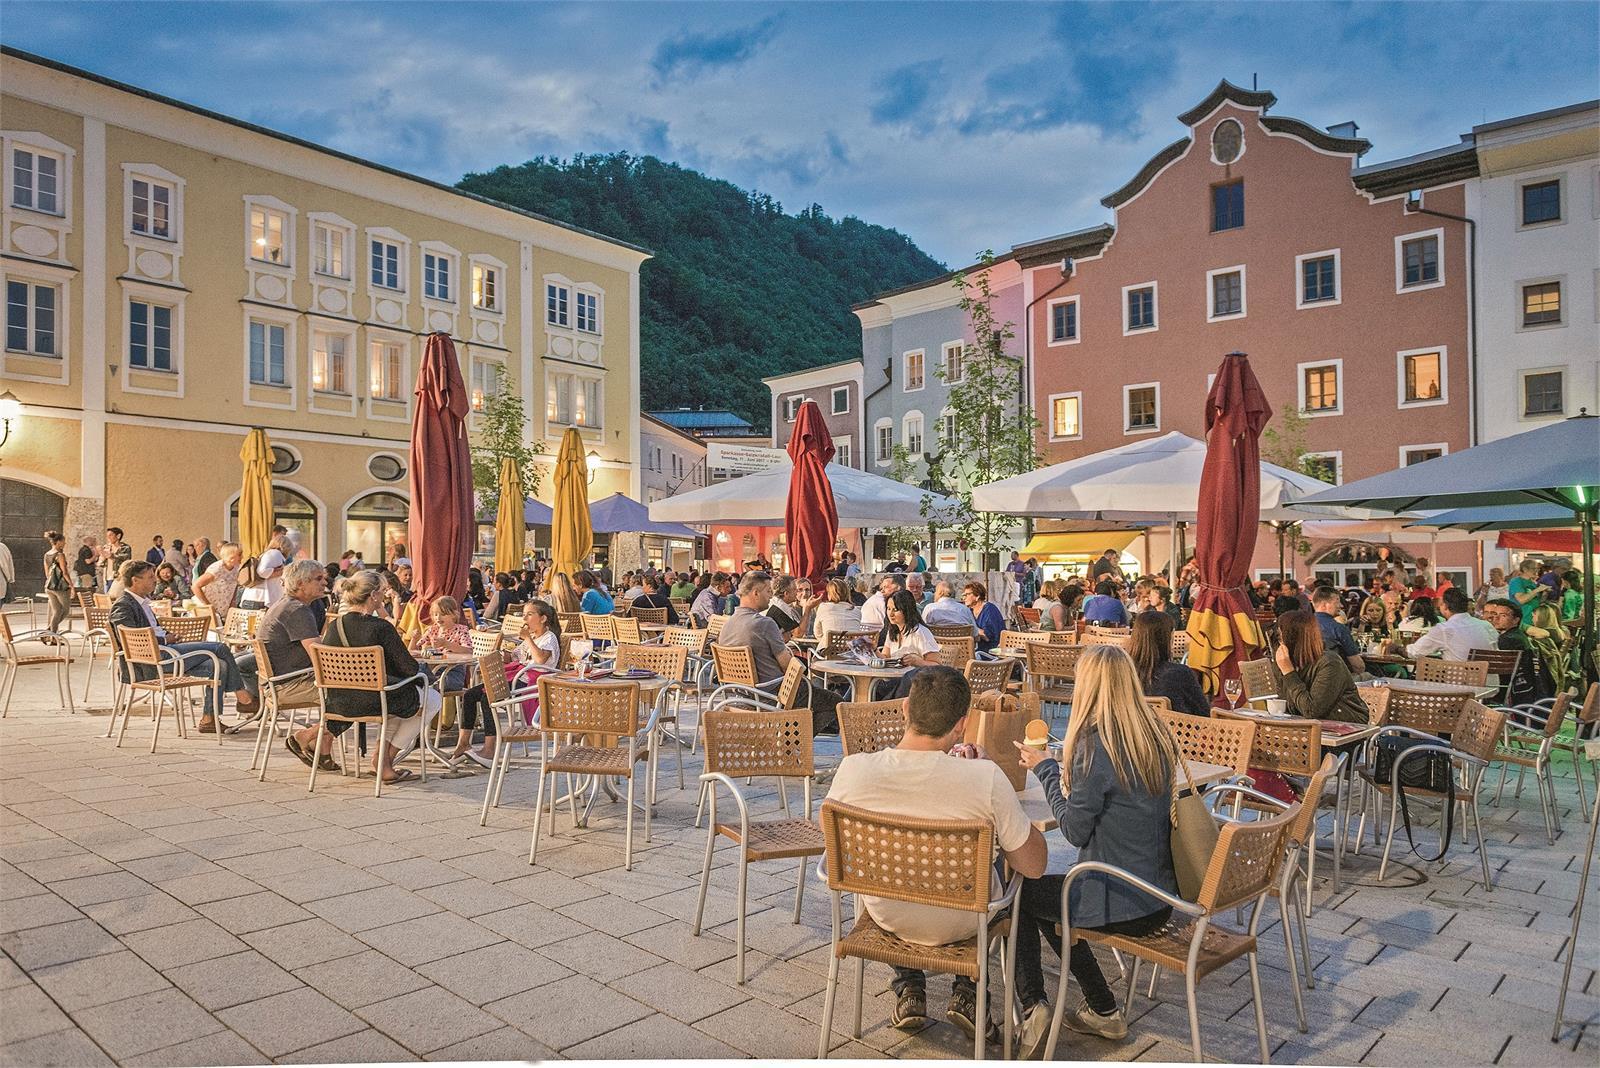 Keltenstadt Hallein | ©TVB Hallein - Bad Dürrnberg